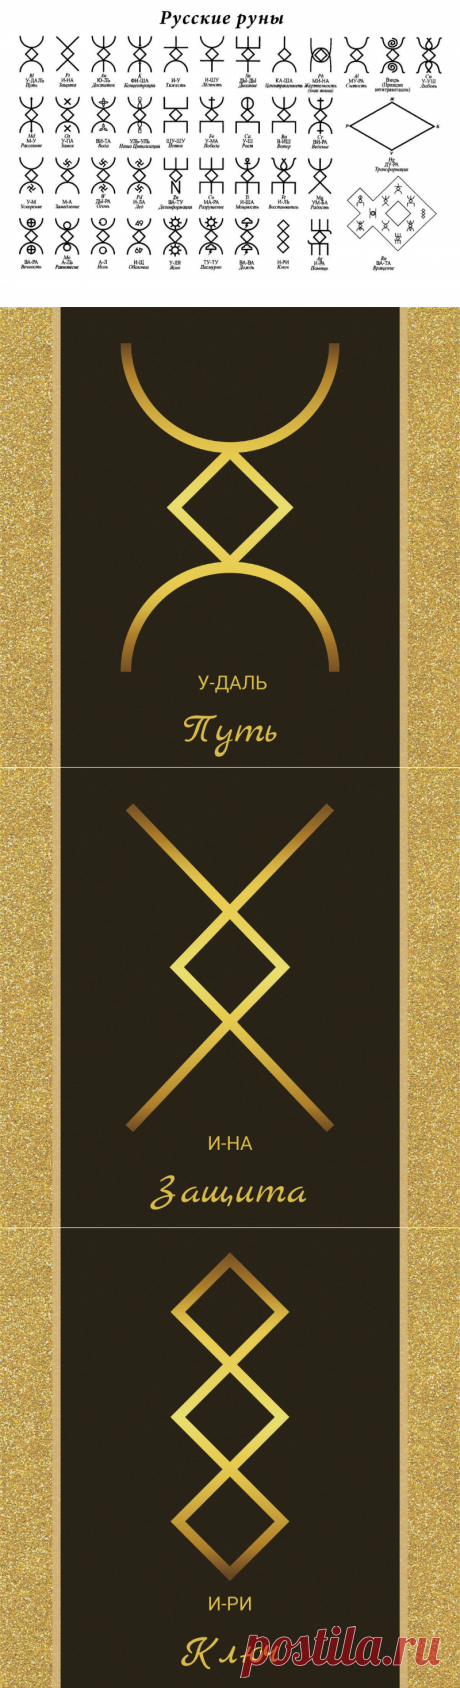 Руны Русичей. Как стать Волшебником и Со-Творцом | Волшебные Штучки | Яндекс Дзен